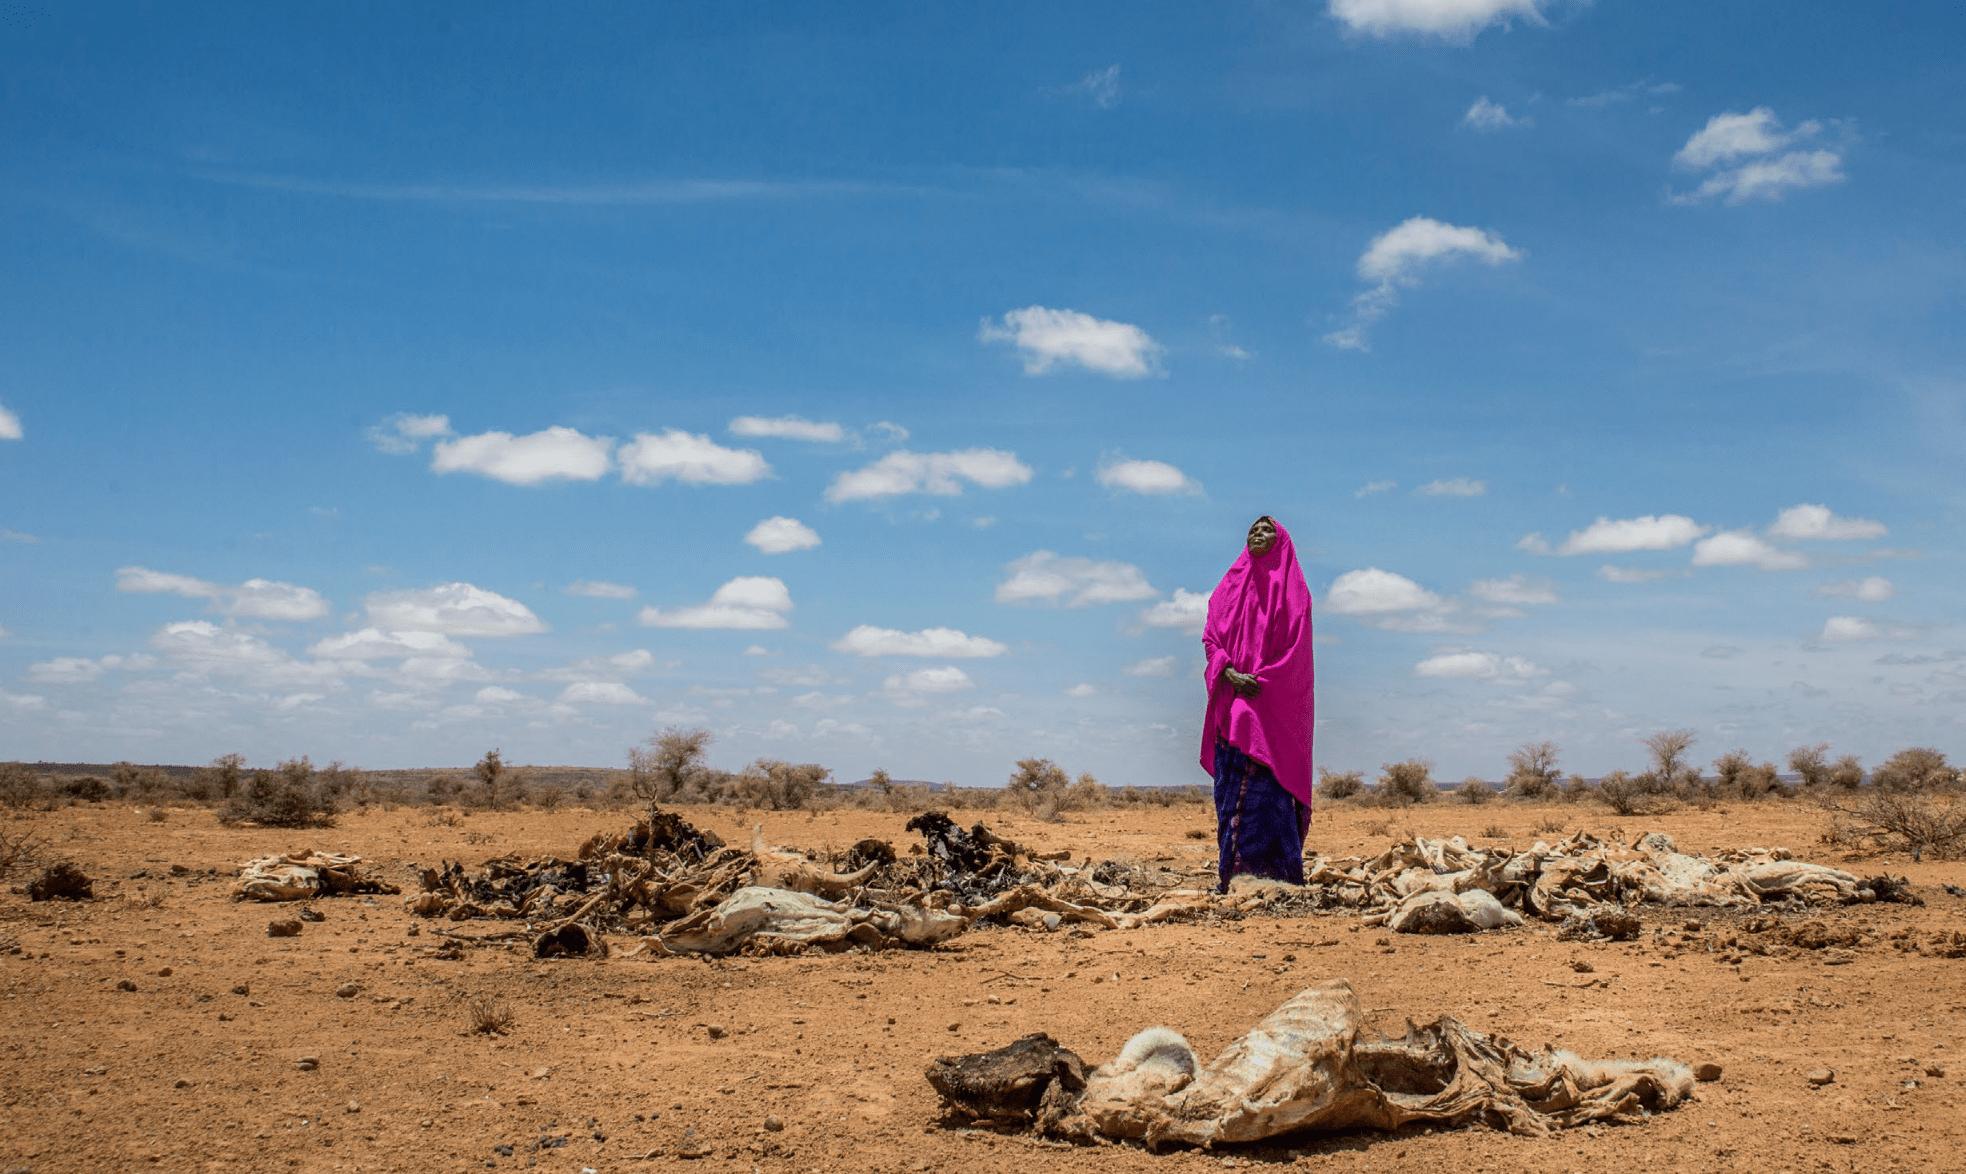 Klimaforandringerne rammer verdens fattigste lande mere mærkbart end verdens rige lande.  Foto: Care/Georgina Goodwill